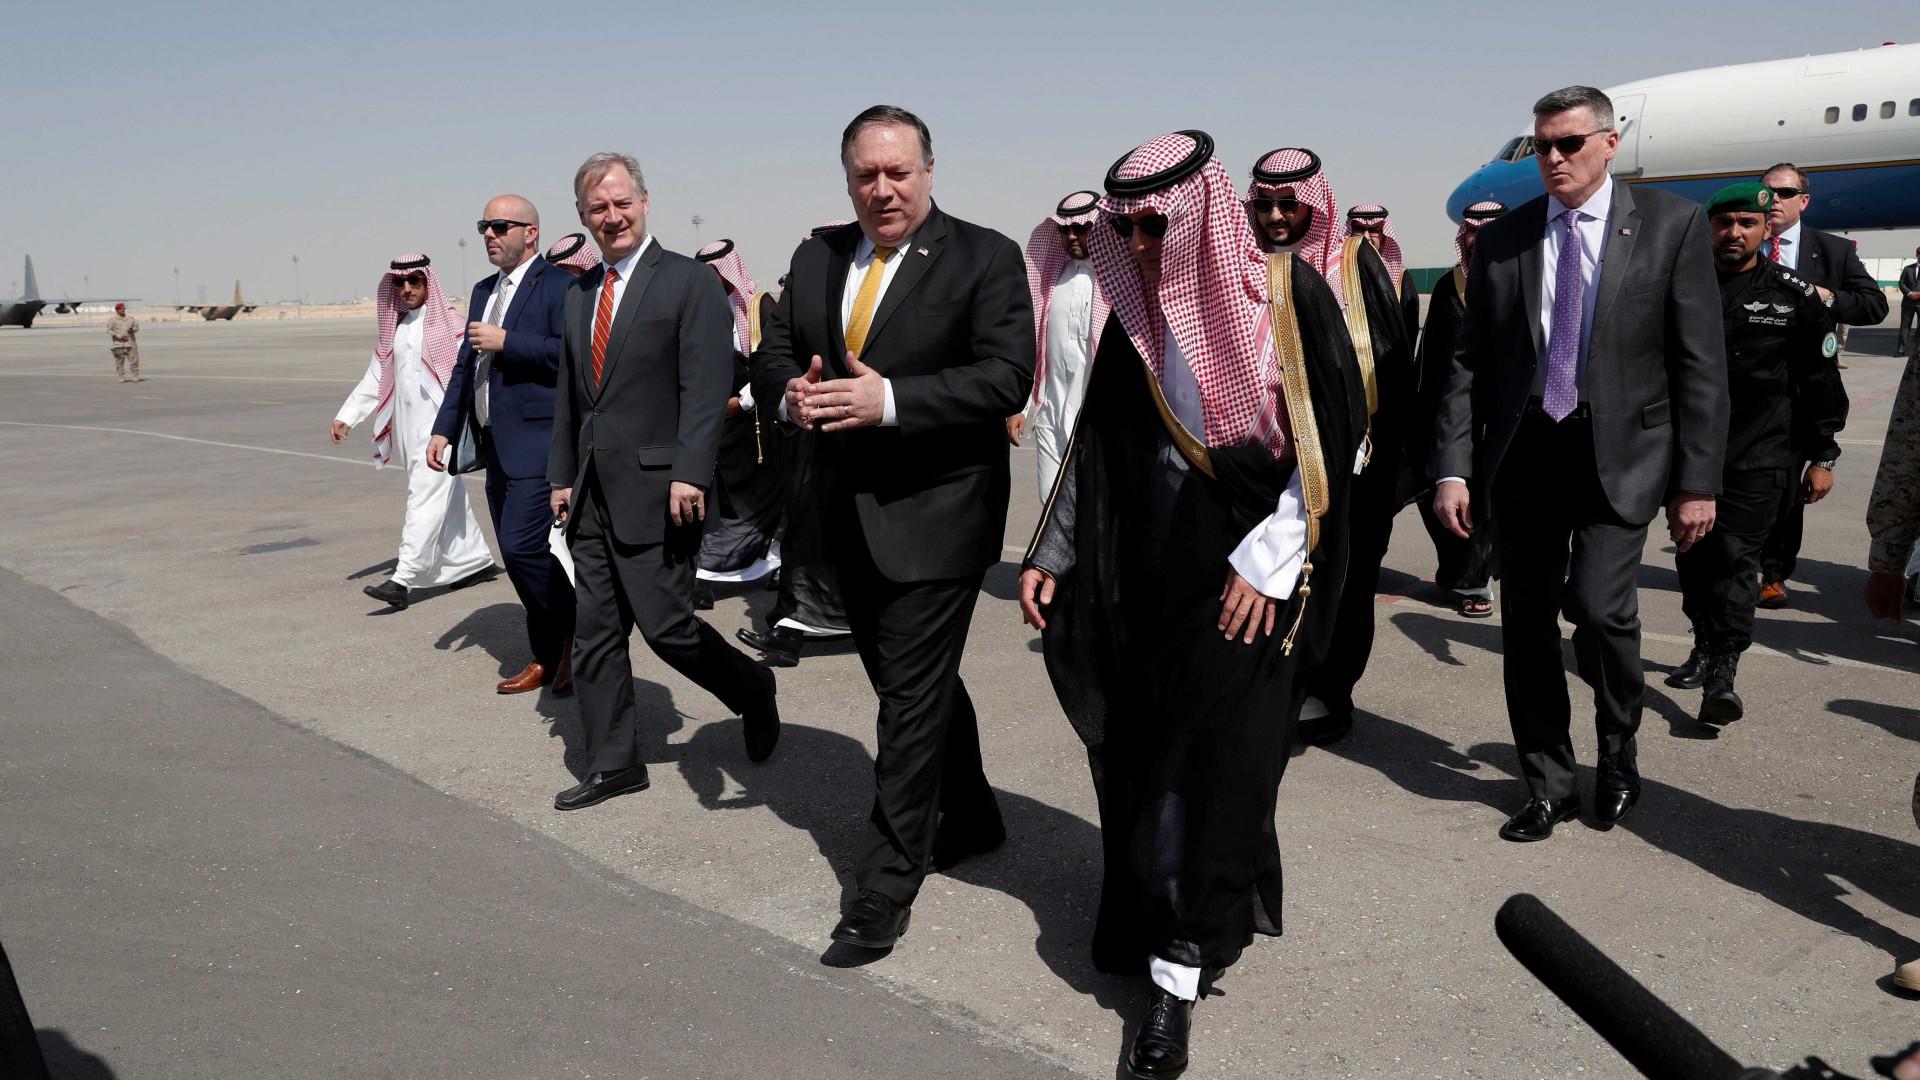 Secretário americano chega a Riad por causa de jornalista desaparecido